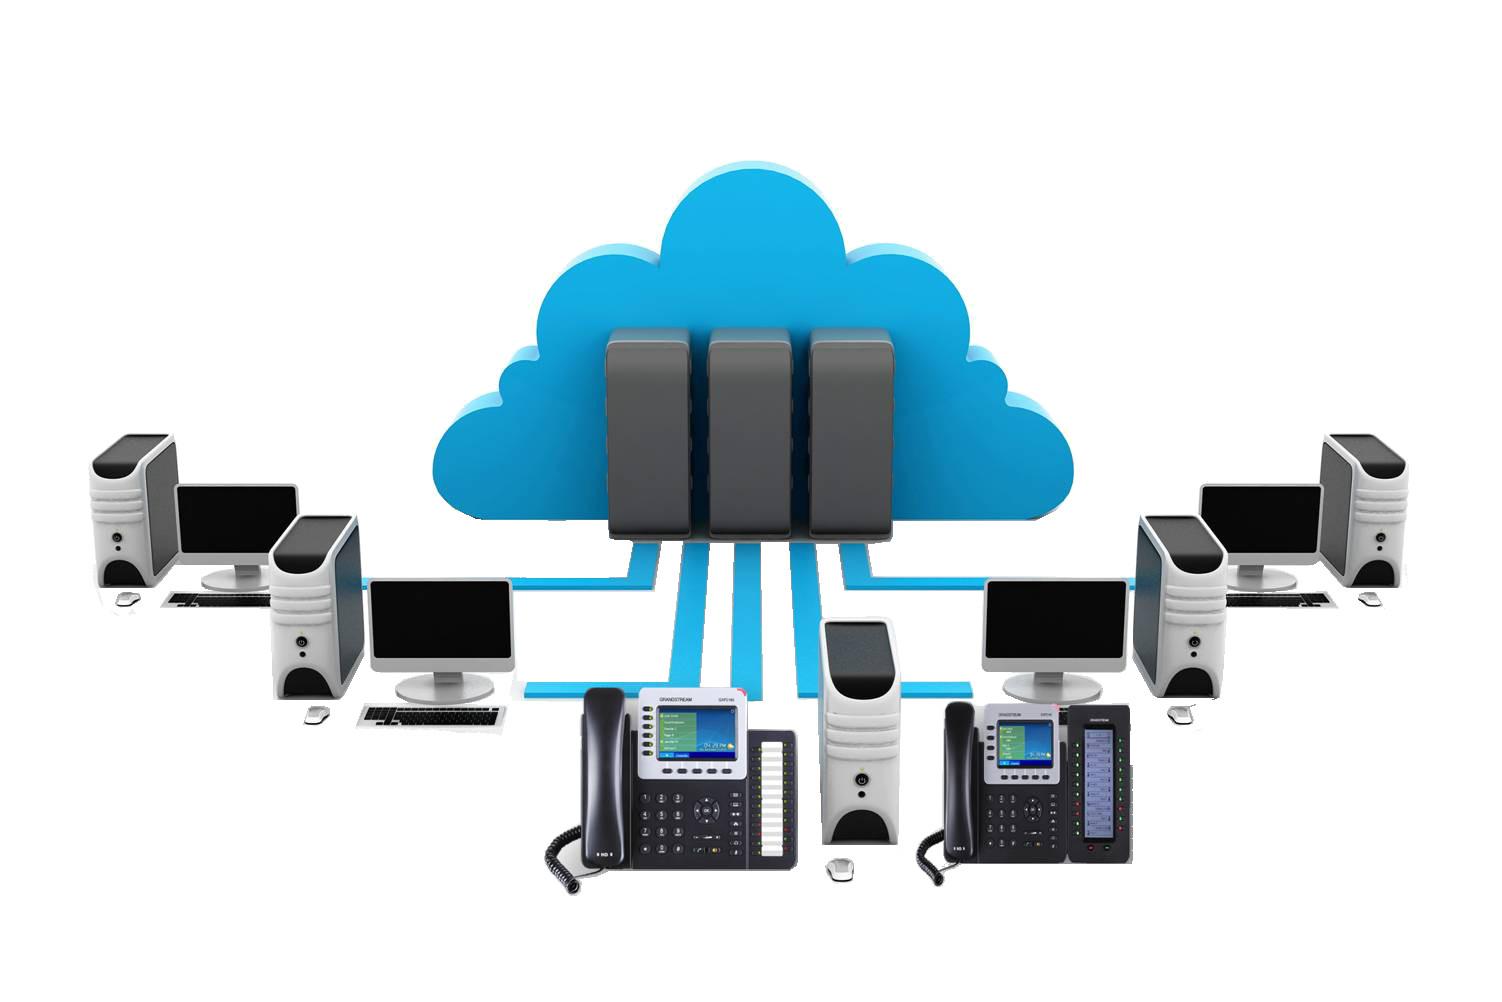 Chuyển đối số 2021 + Khuyến mãi HOT cho hệ thống Call Center tích hợp CRM mini